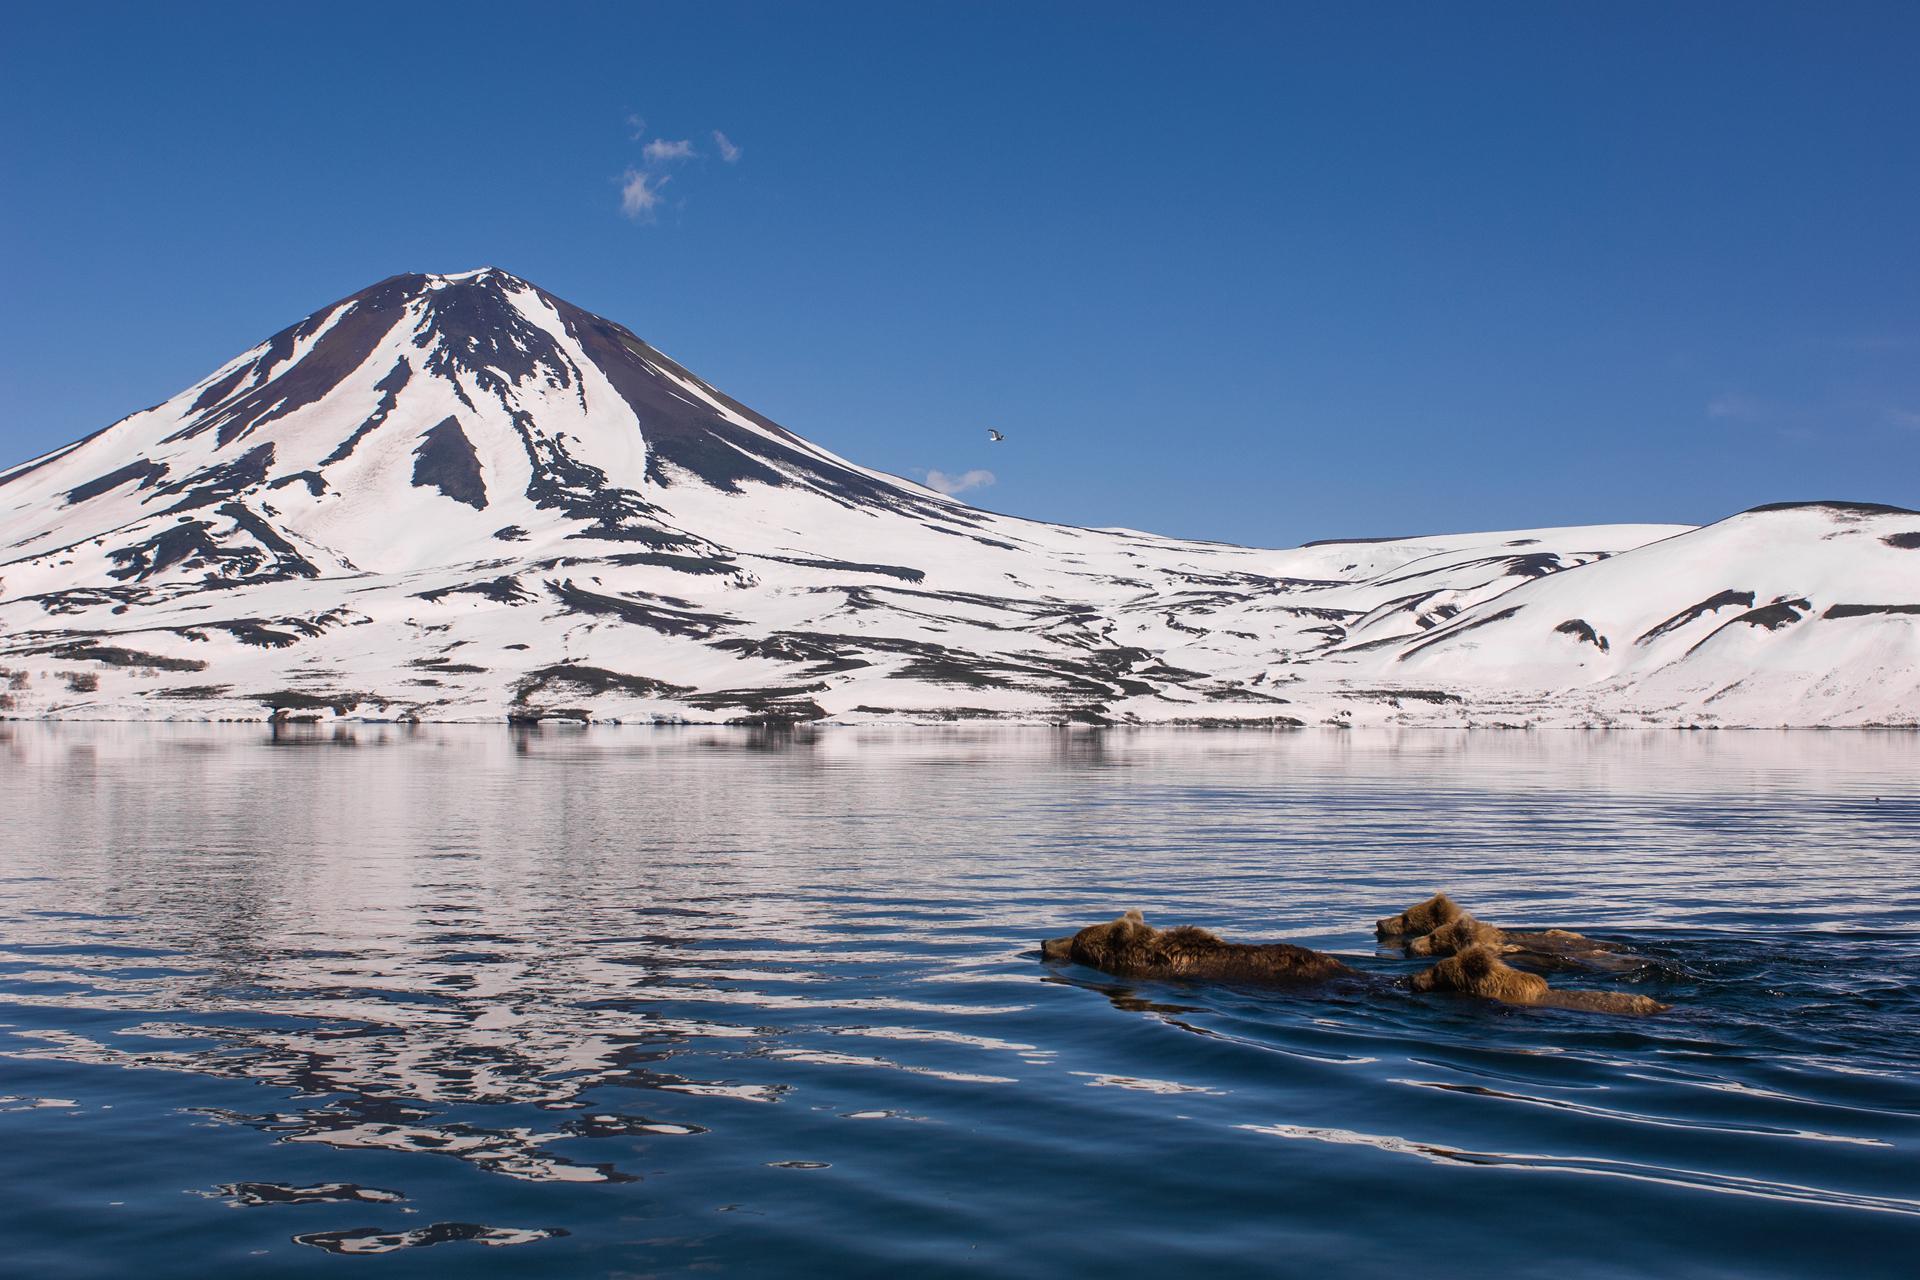 Big bear mountain webcams